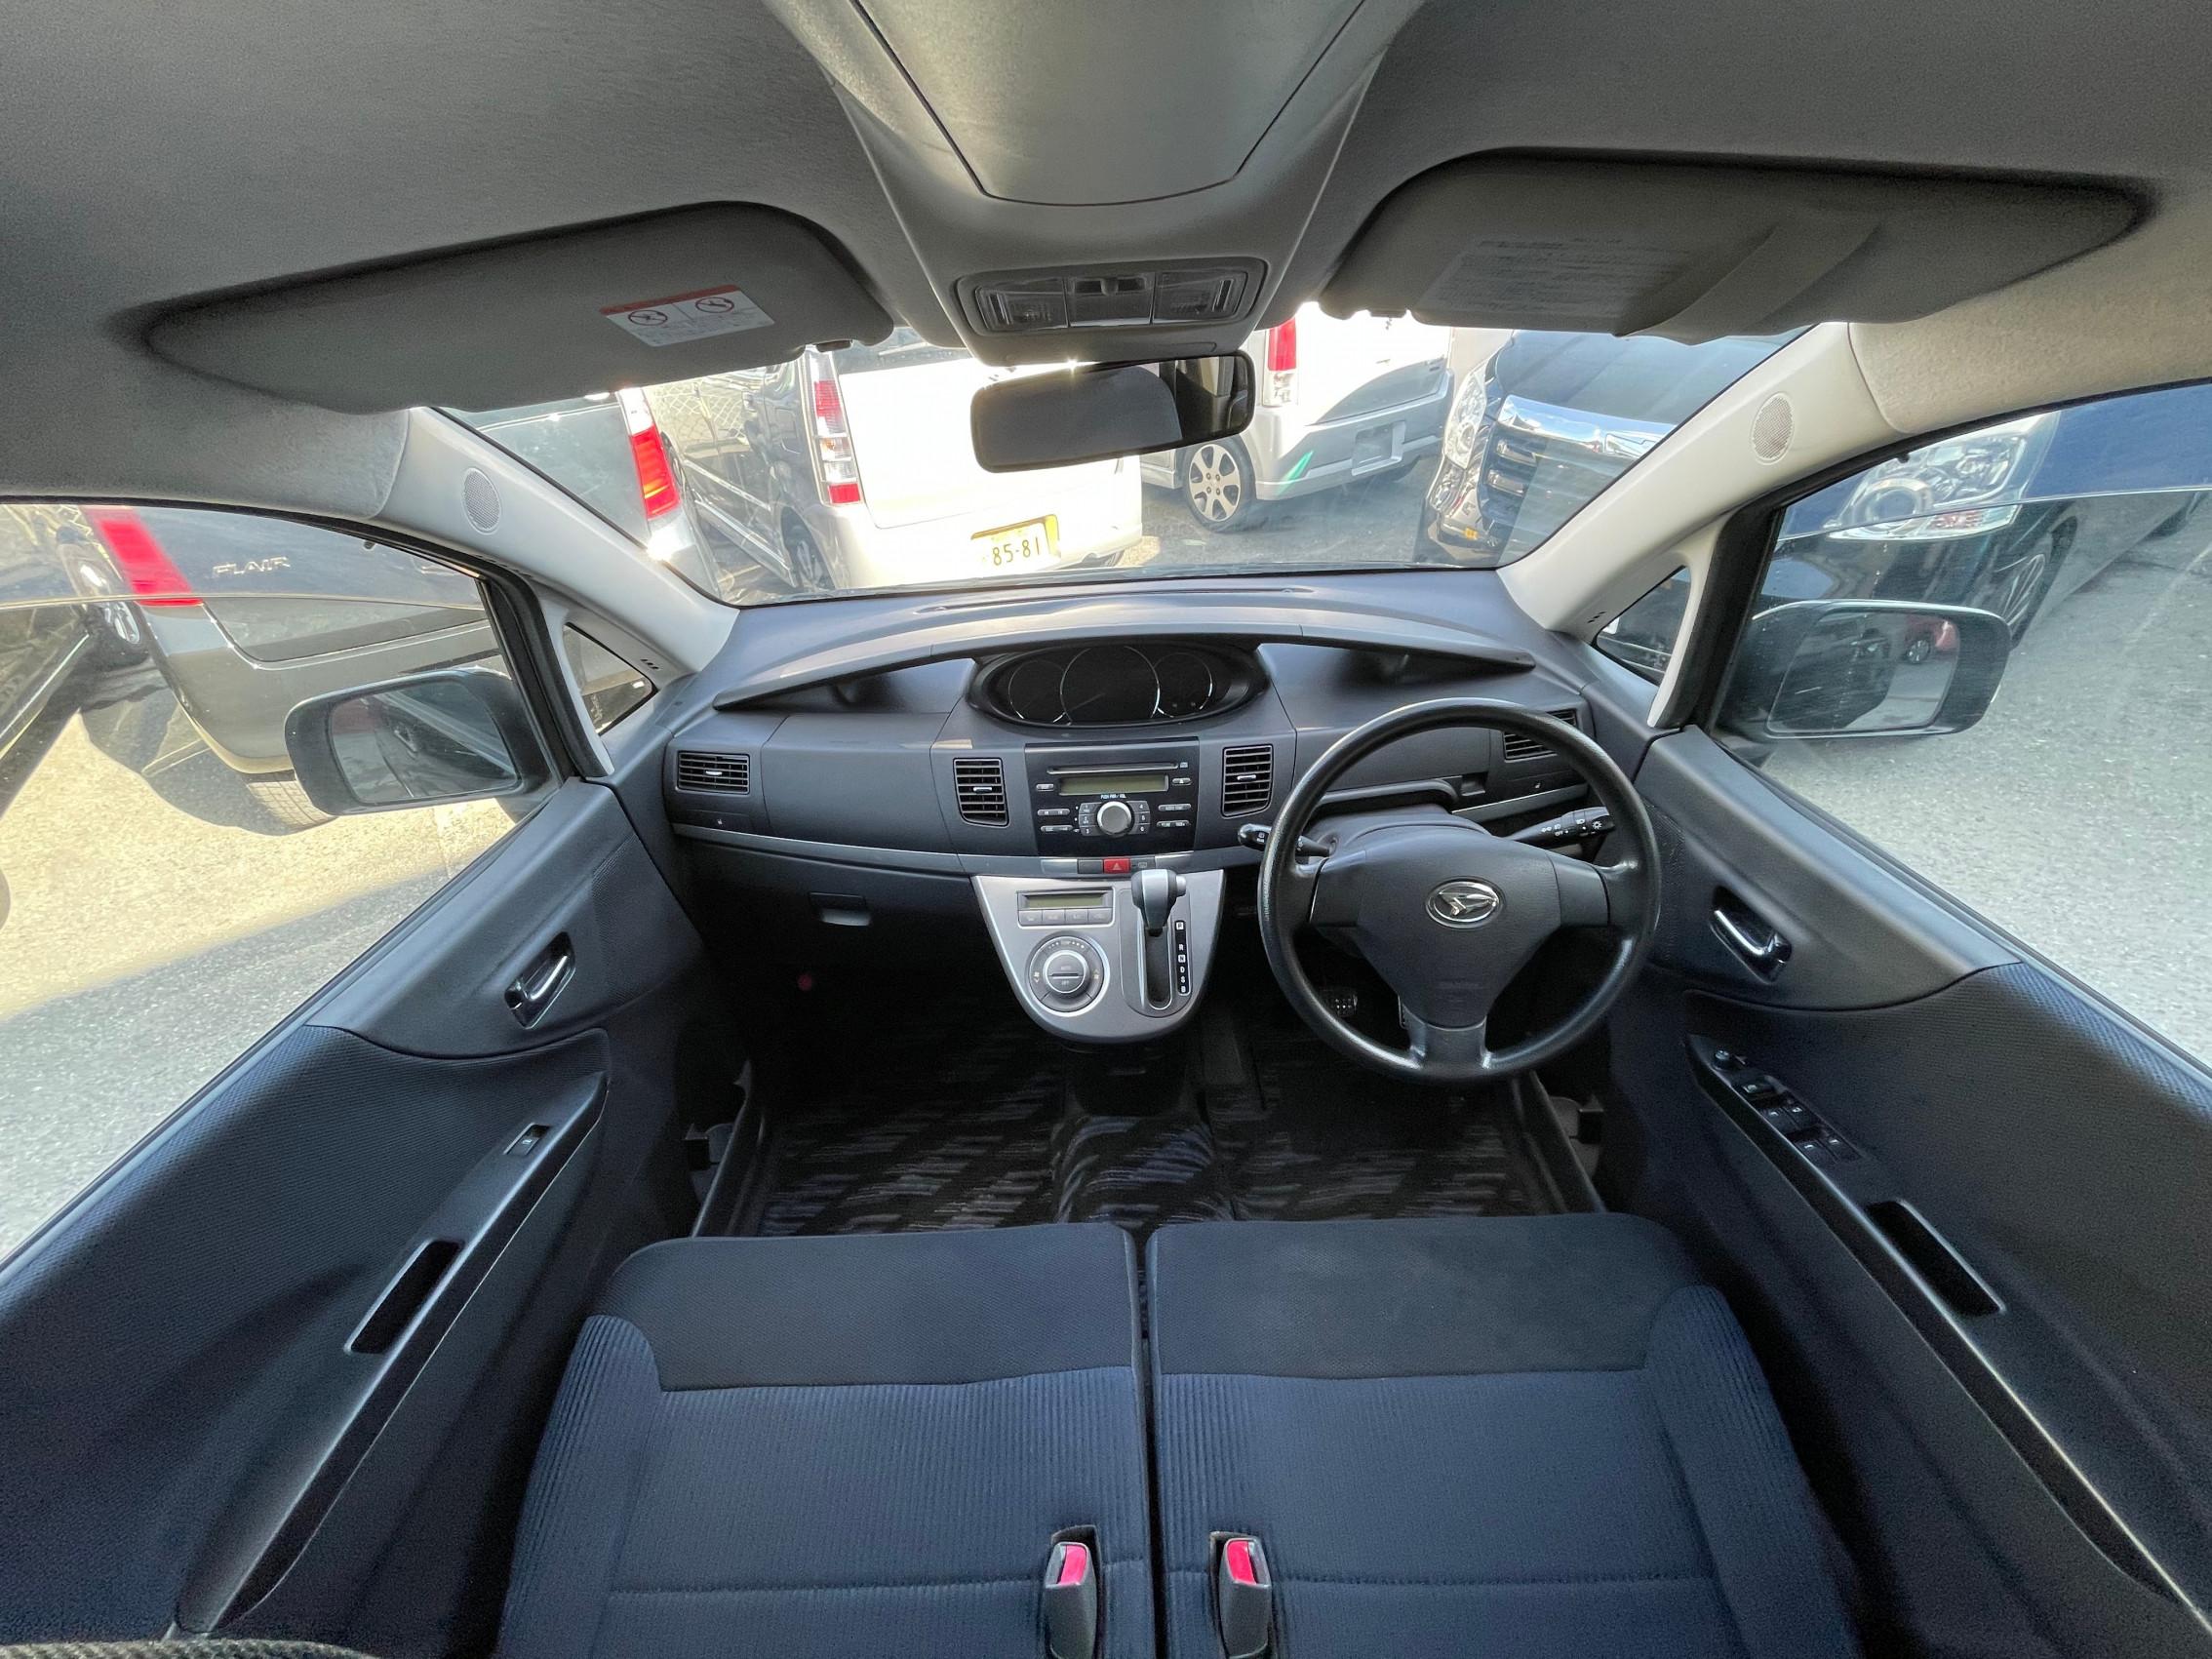 ムーヴ Xリミテッド  CD オートエアコン スマートキー CVT ウインカードアミラー ベンチシート タイミングチェーン